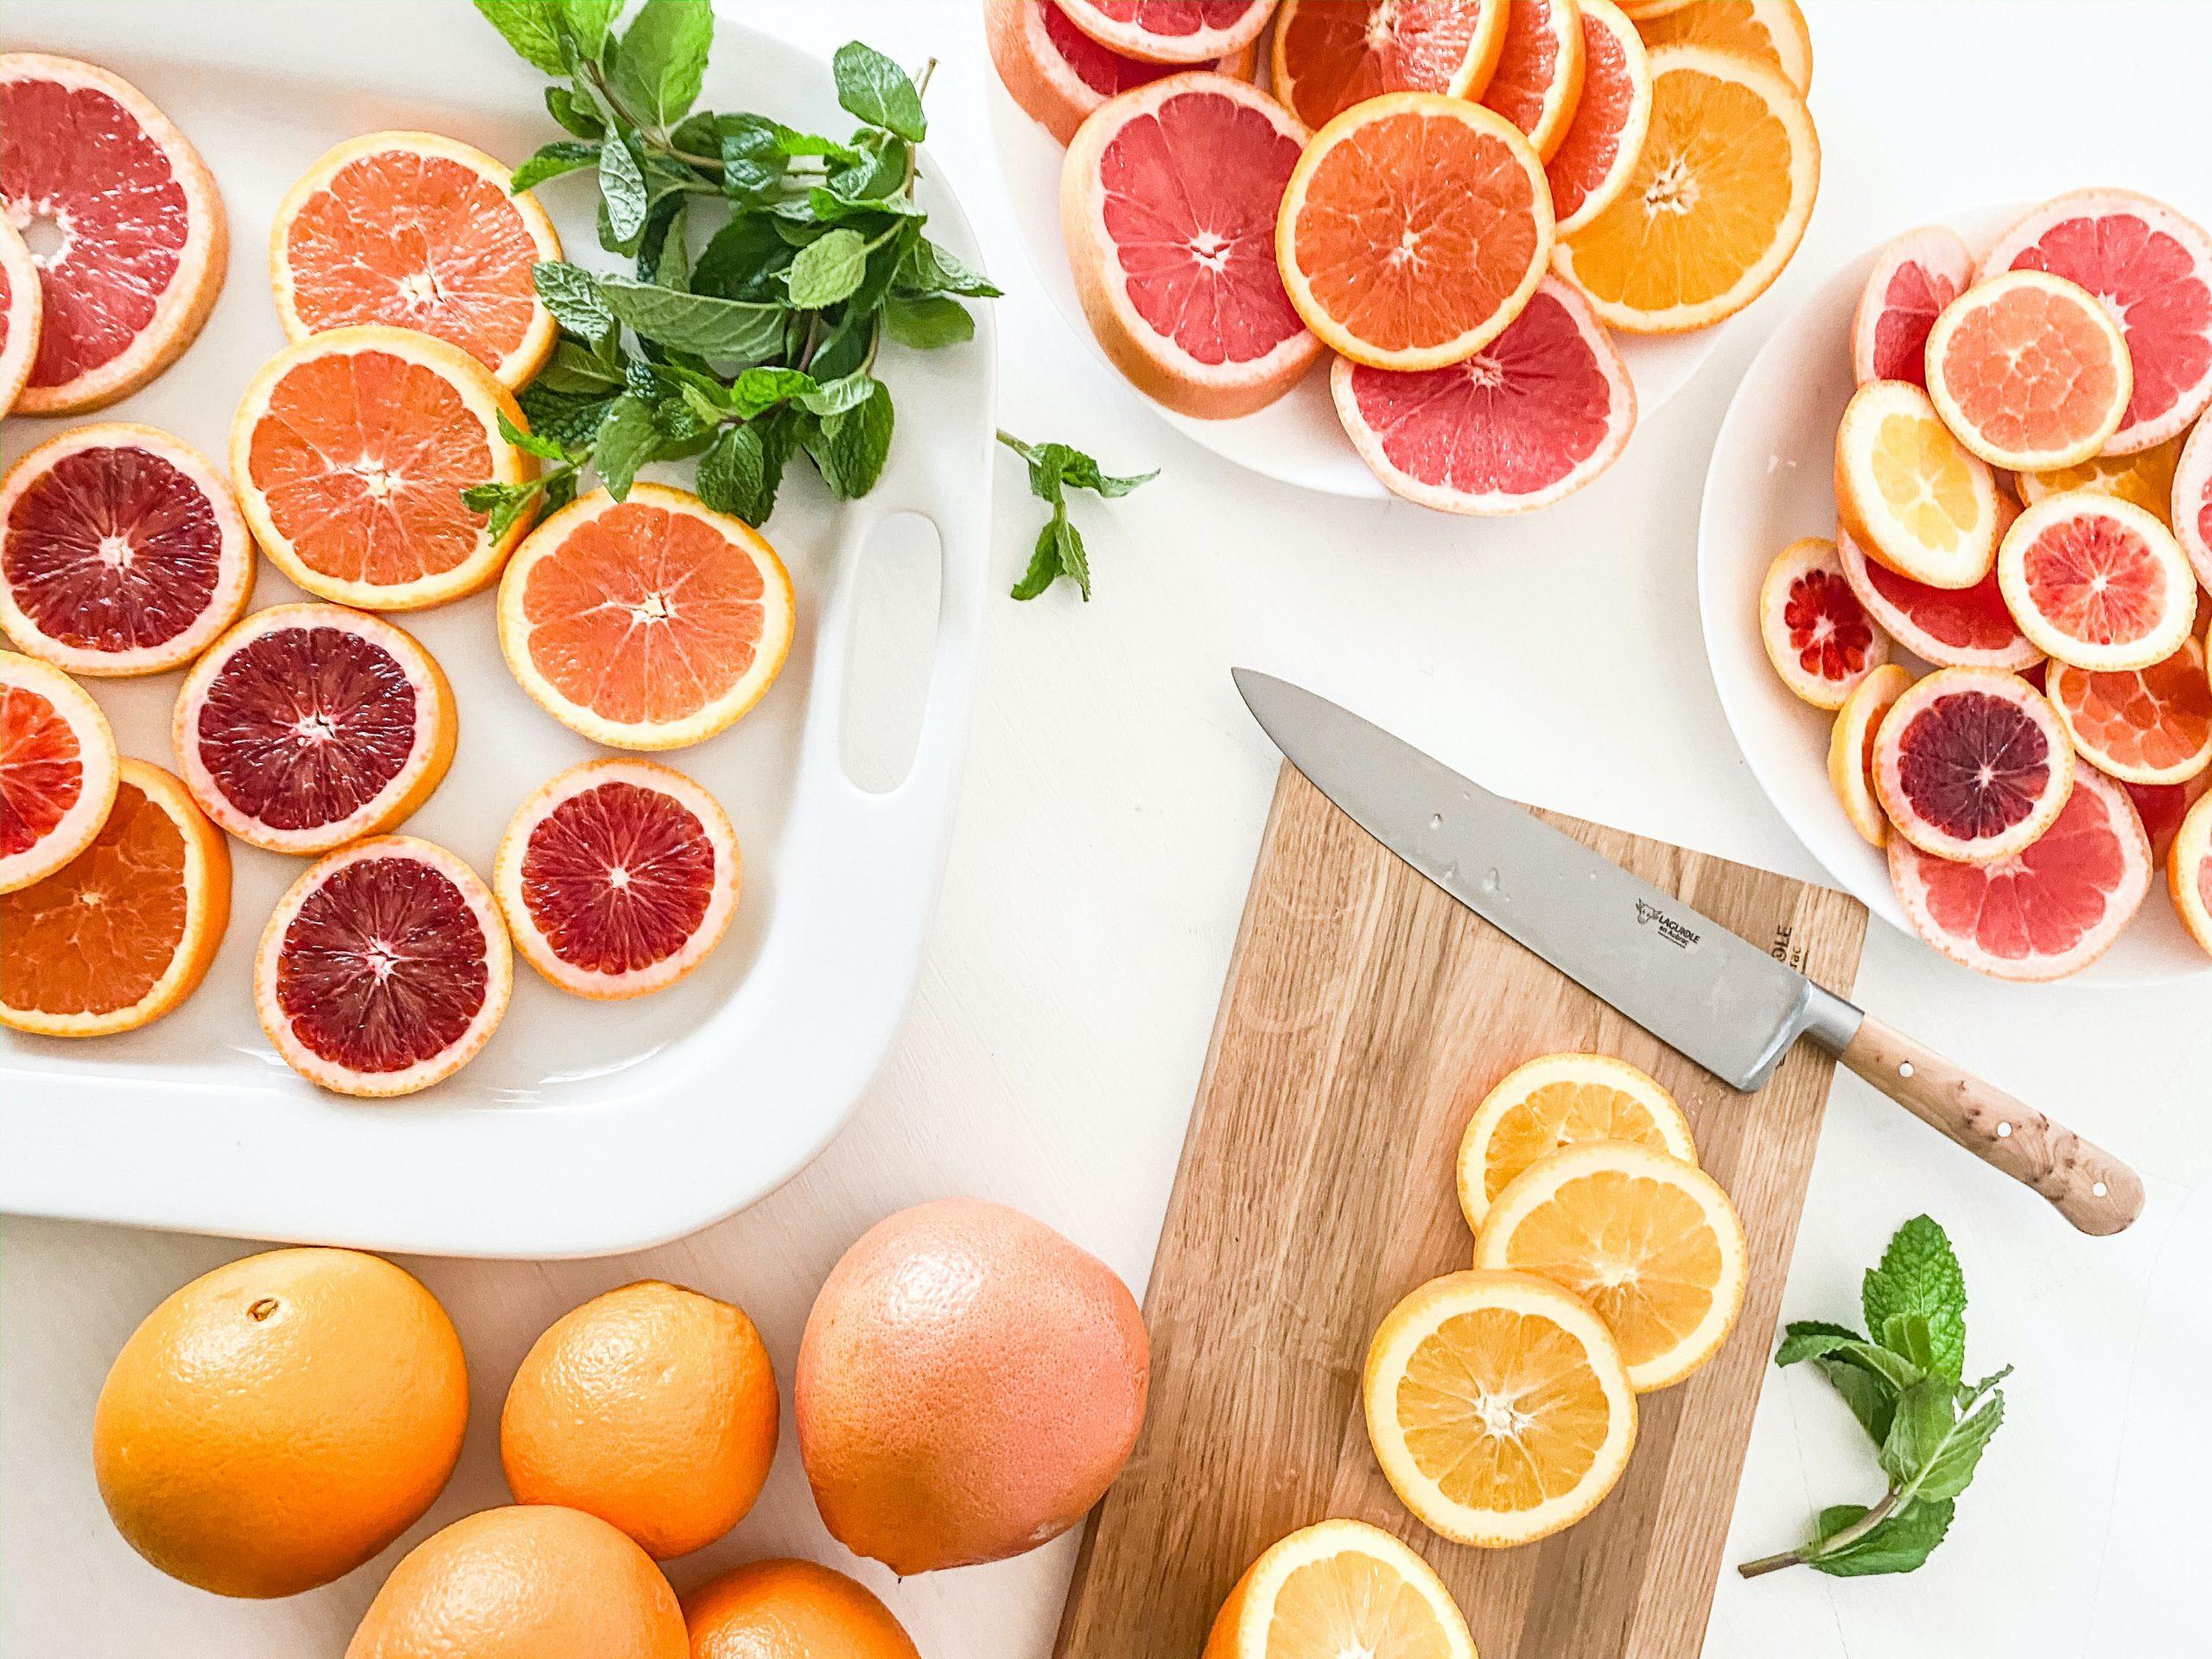 Vitamina C alimenti: Quali sono i più ricchi?